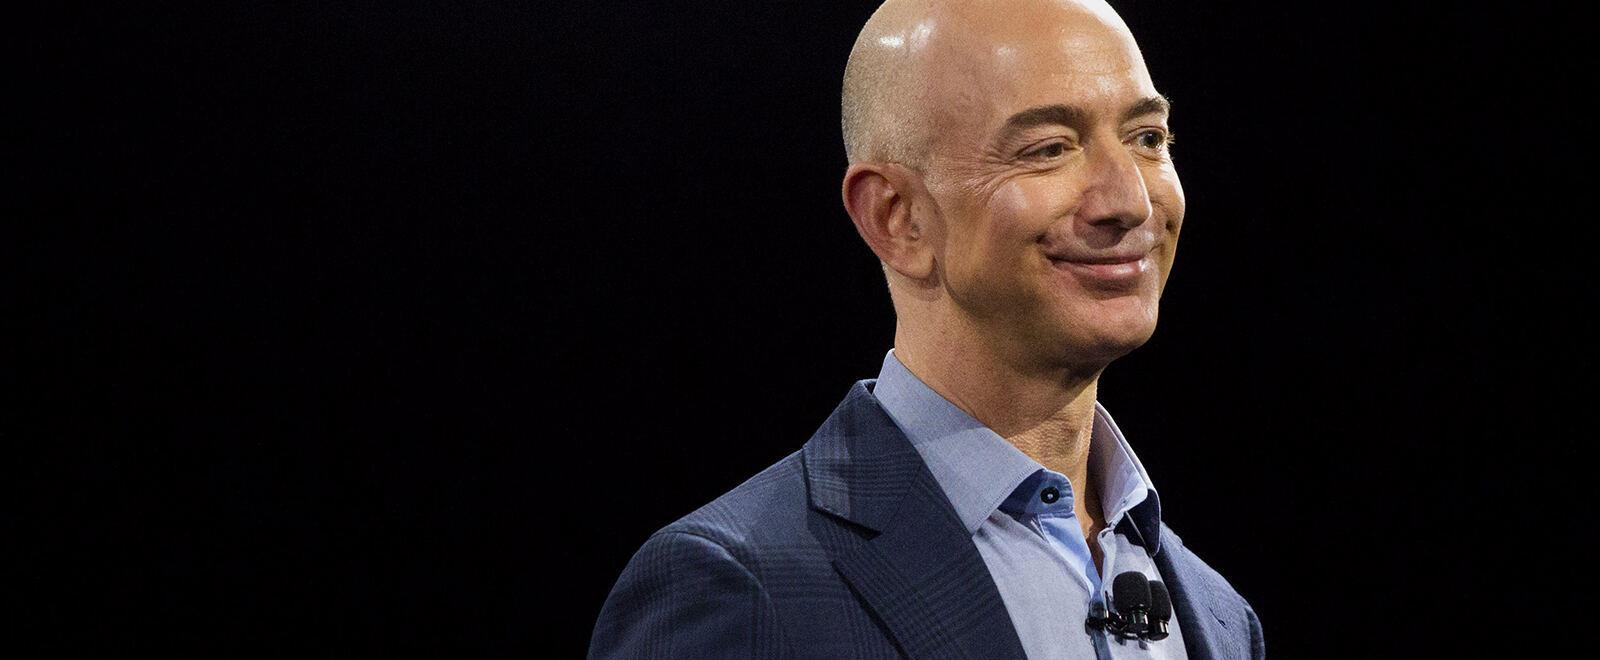 Dossier Jeff Bezos - chi e' il papa'..